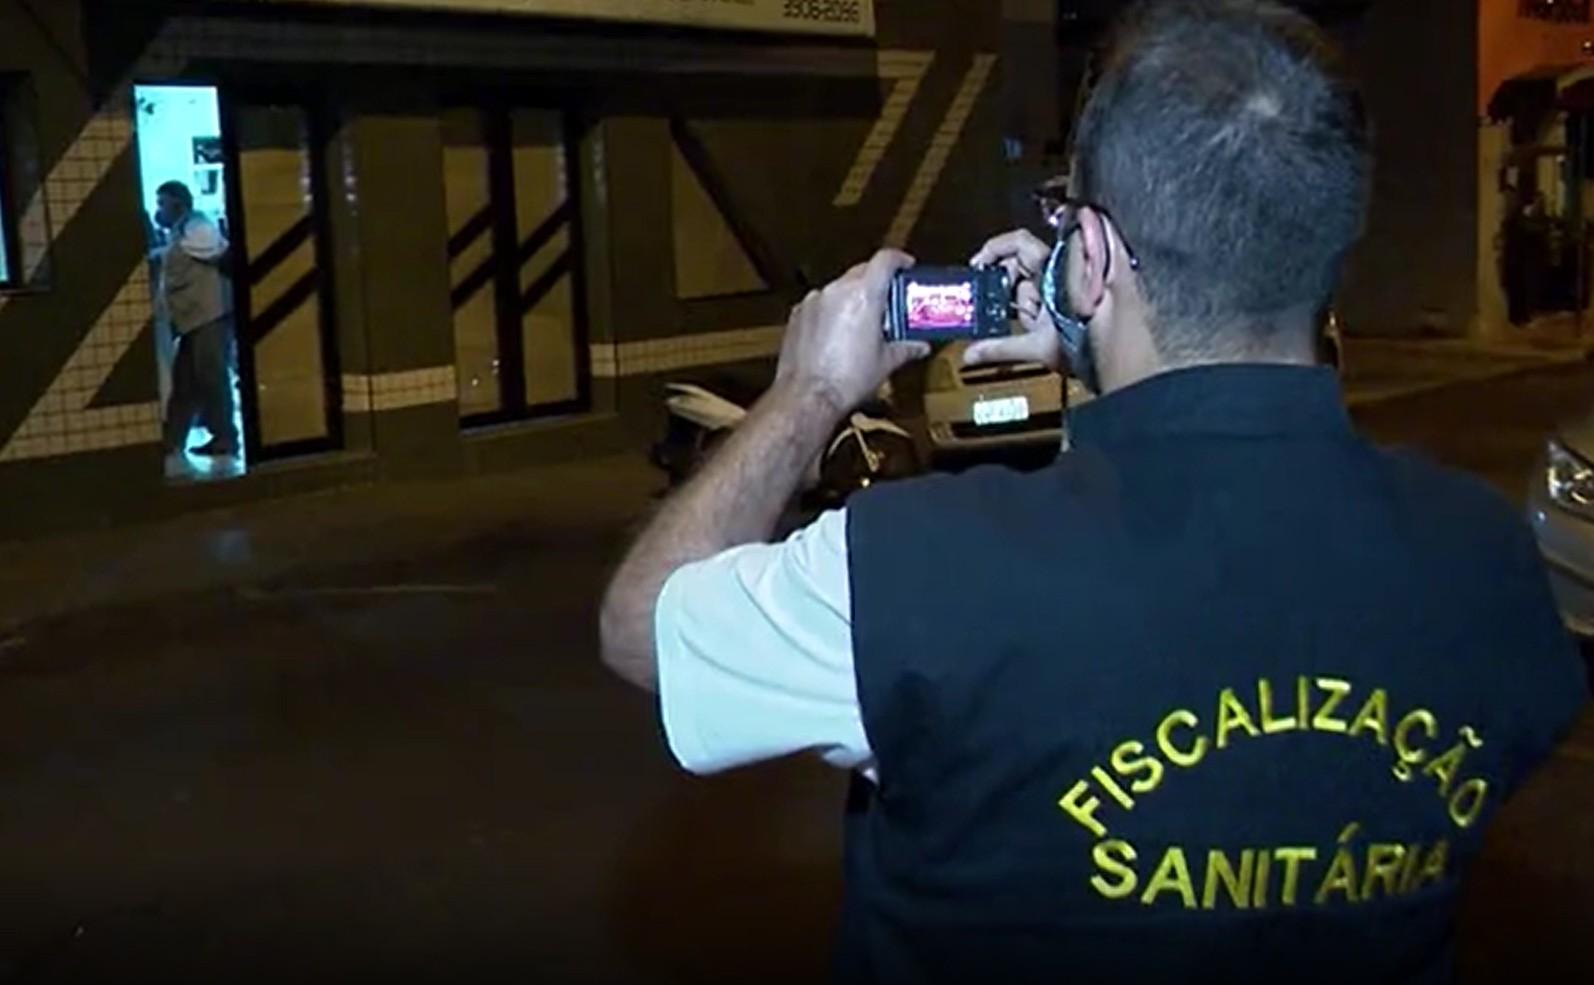 Fiscalização noturna flagra academia aberta no Jardim Bongiovani e Vigilância Sanitária aplica multa